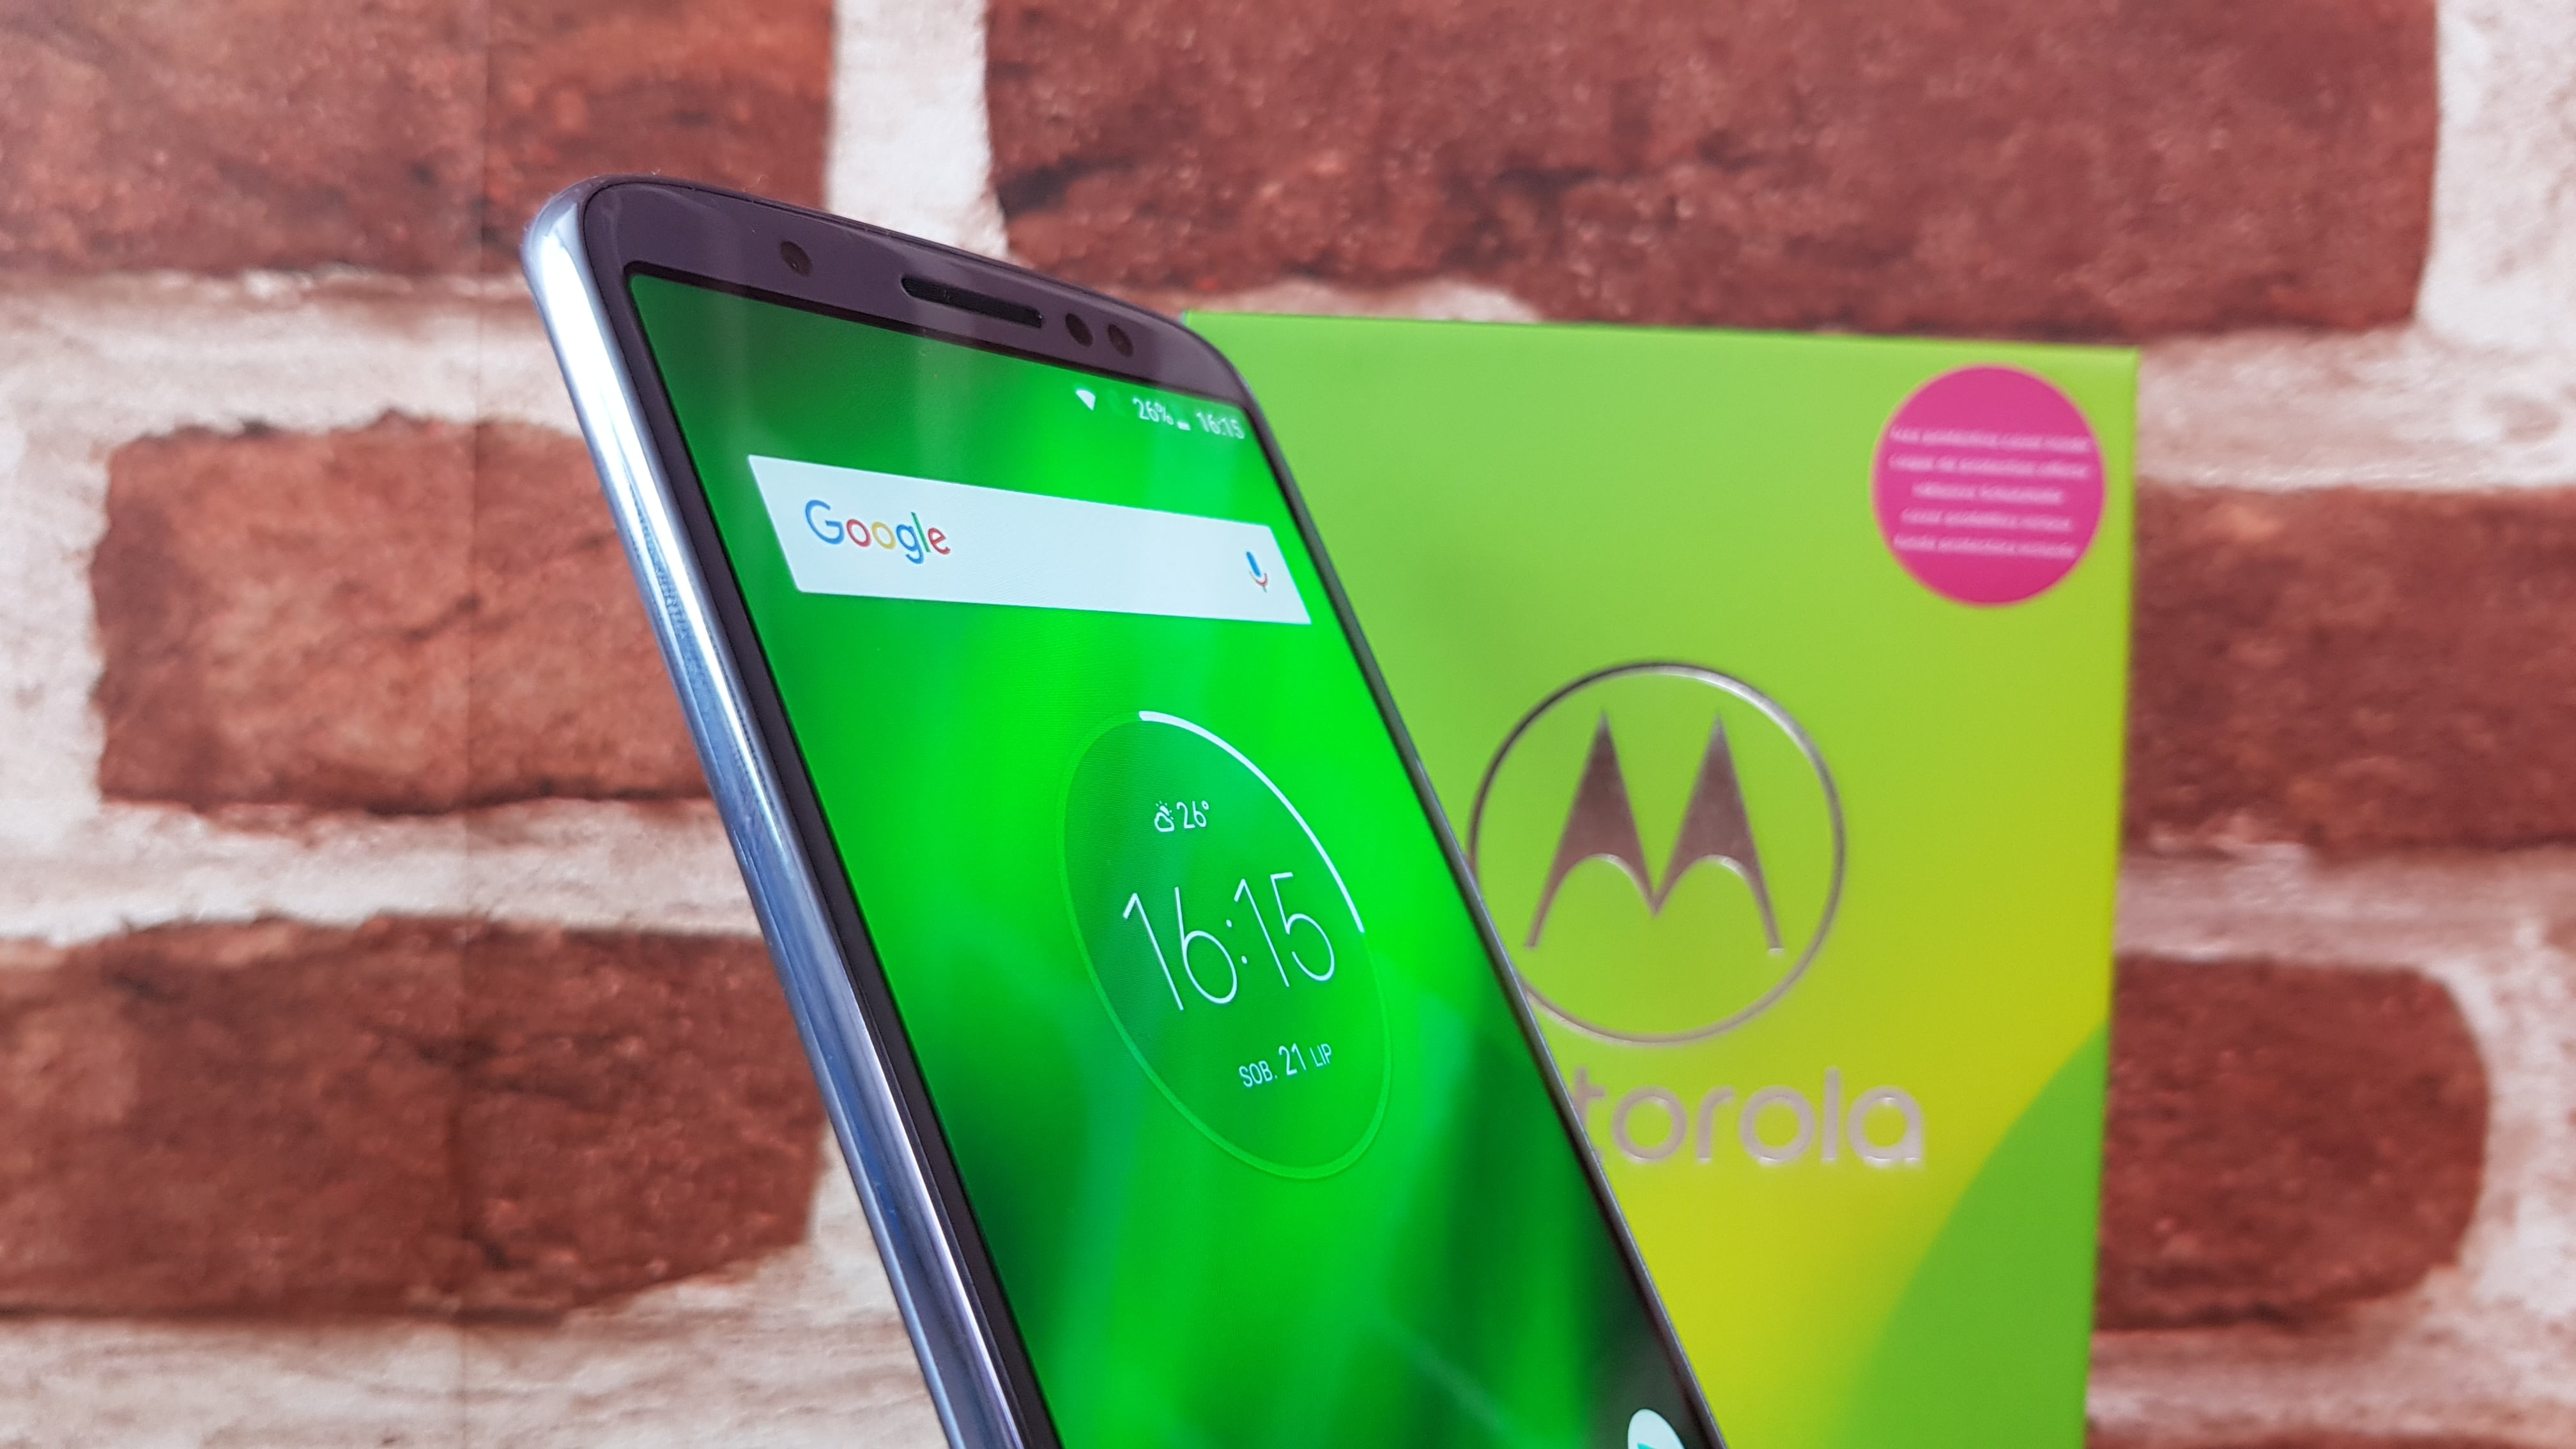 Tabletowo.pl Jaki smartfon kupić do 1400 złotych? (wrzesień 2018) Android Apple Co kupić Huawei iOS Meizu Motorola Nokia Samsung Sony Xiaomi